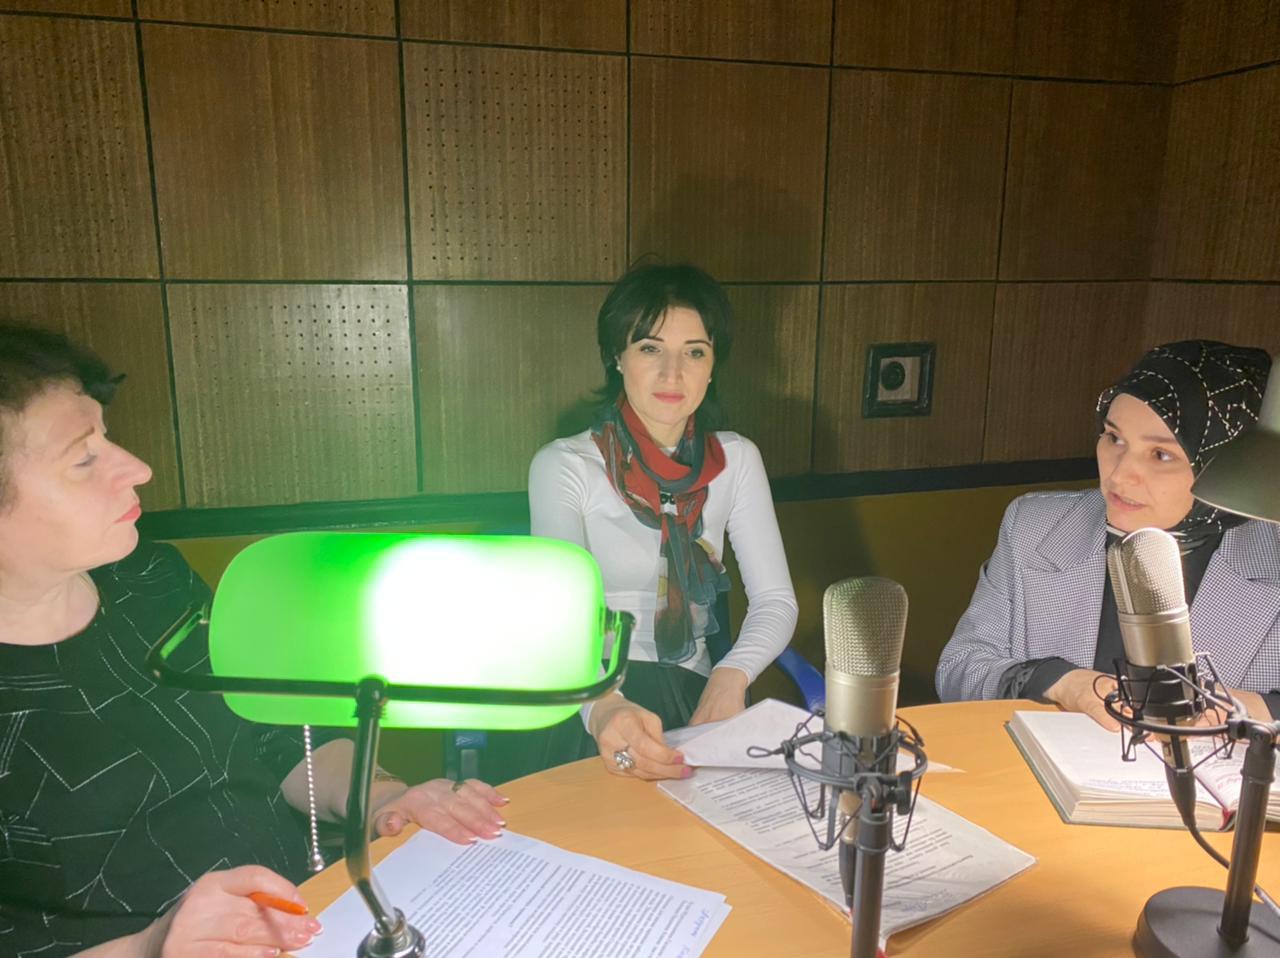 Круглый стол по вопросам вакцинопрофилактики прошёл в эфире радио ГТРК «Дагестан»